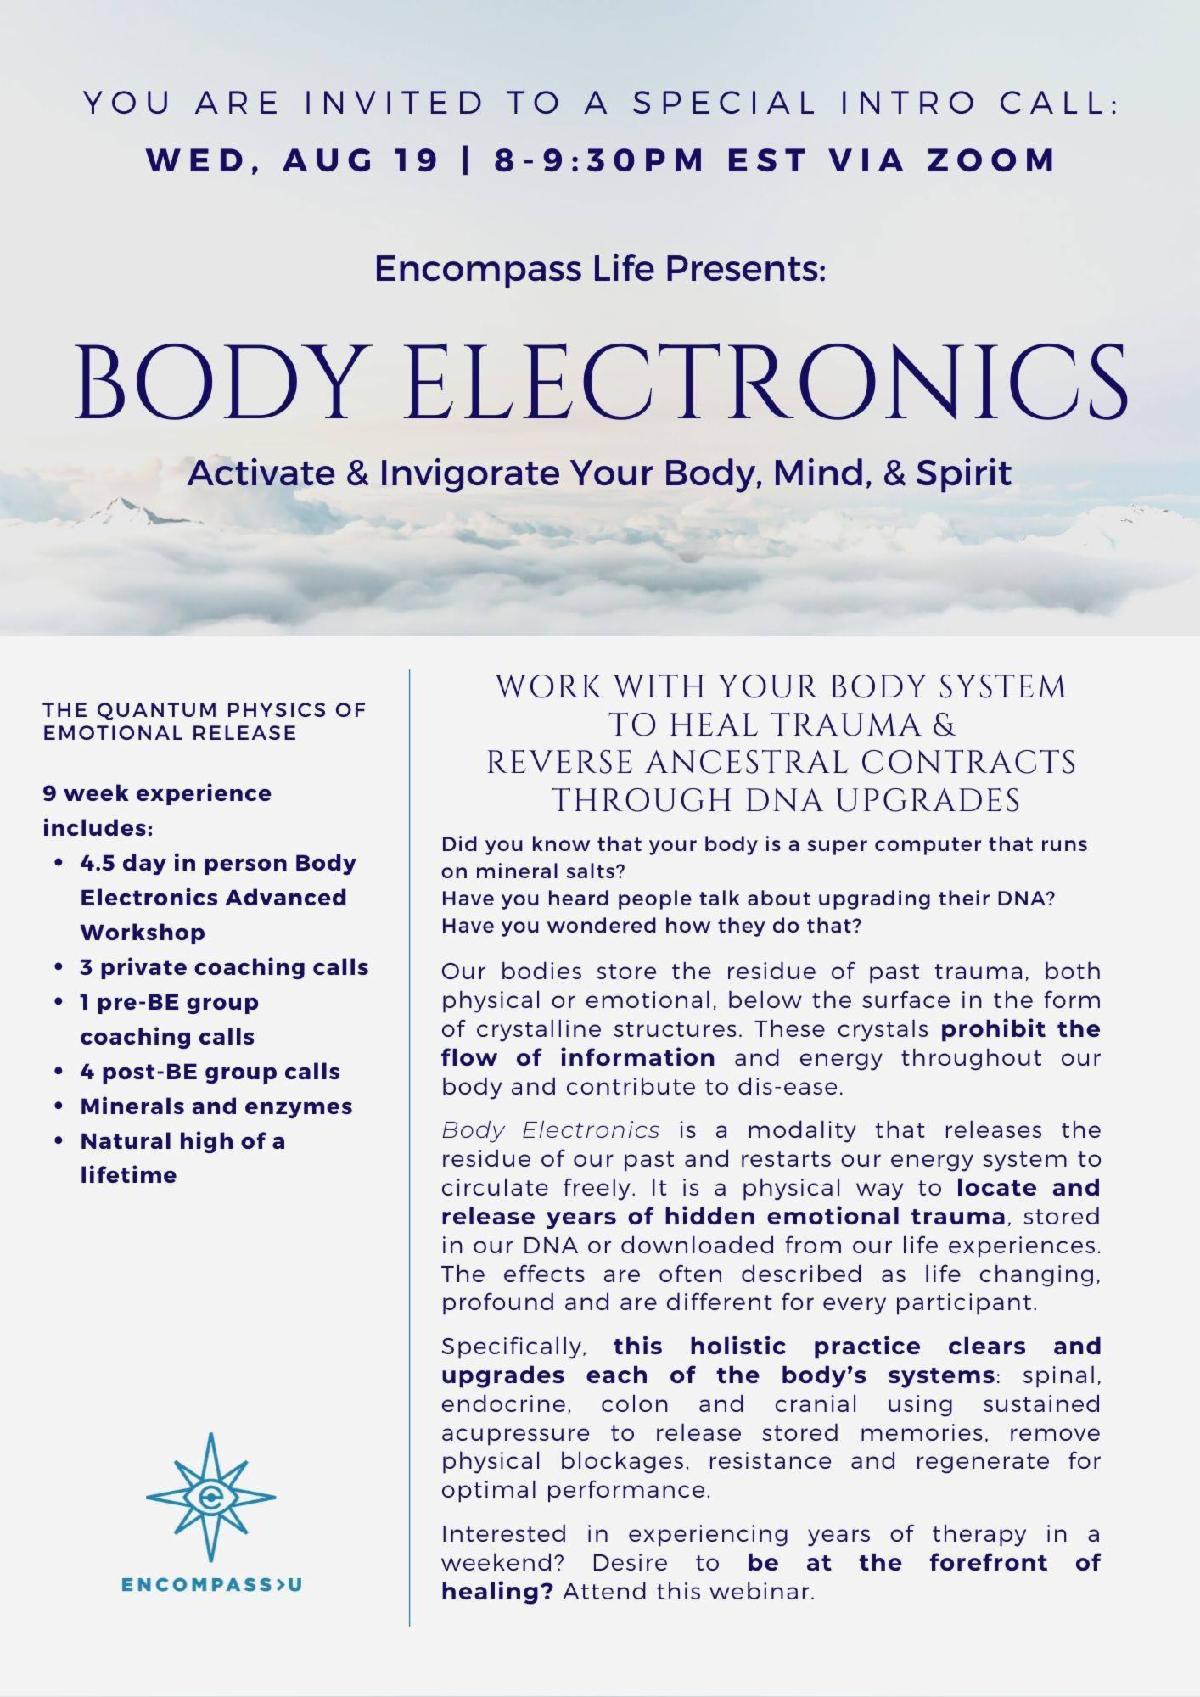 BodyElectronics